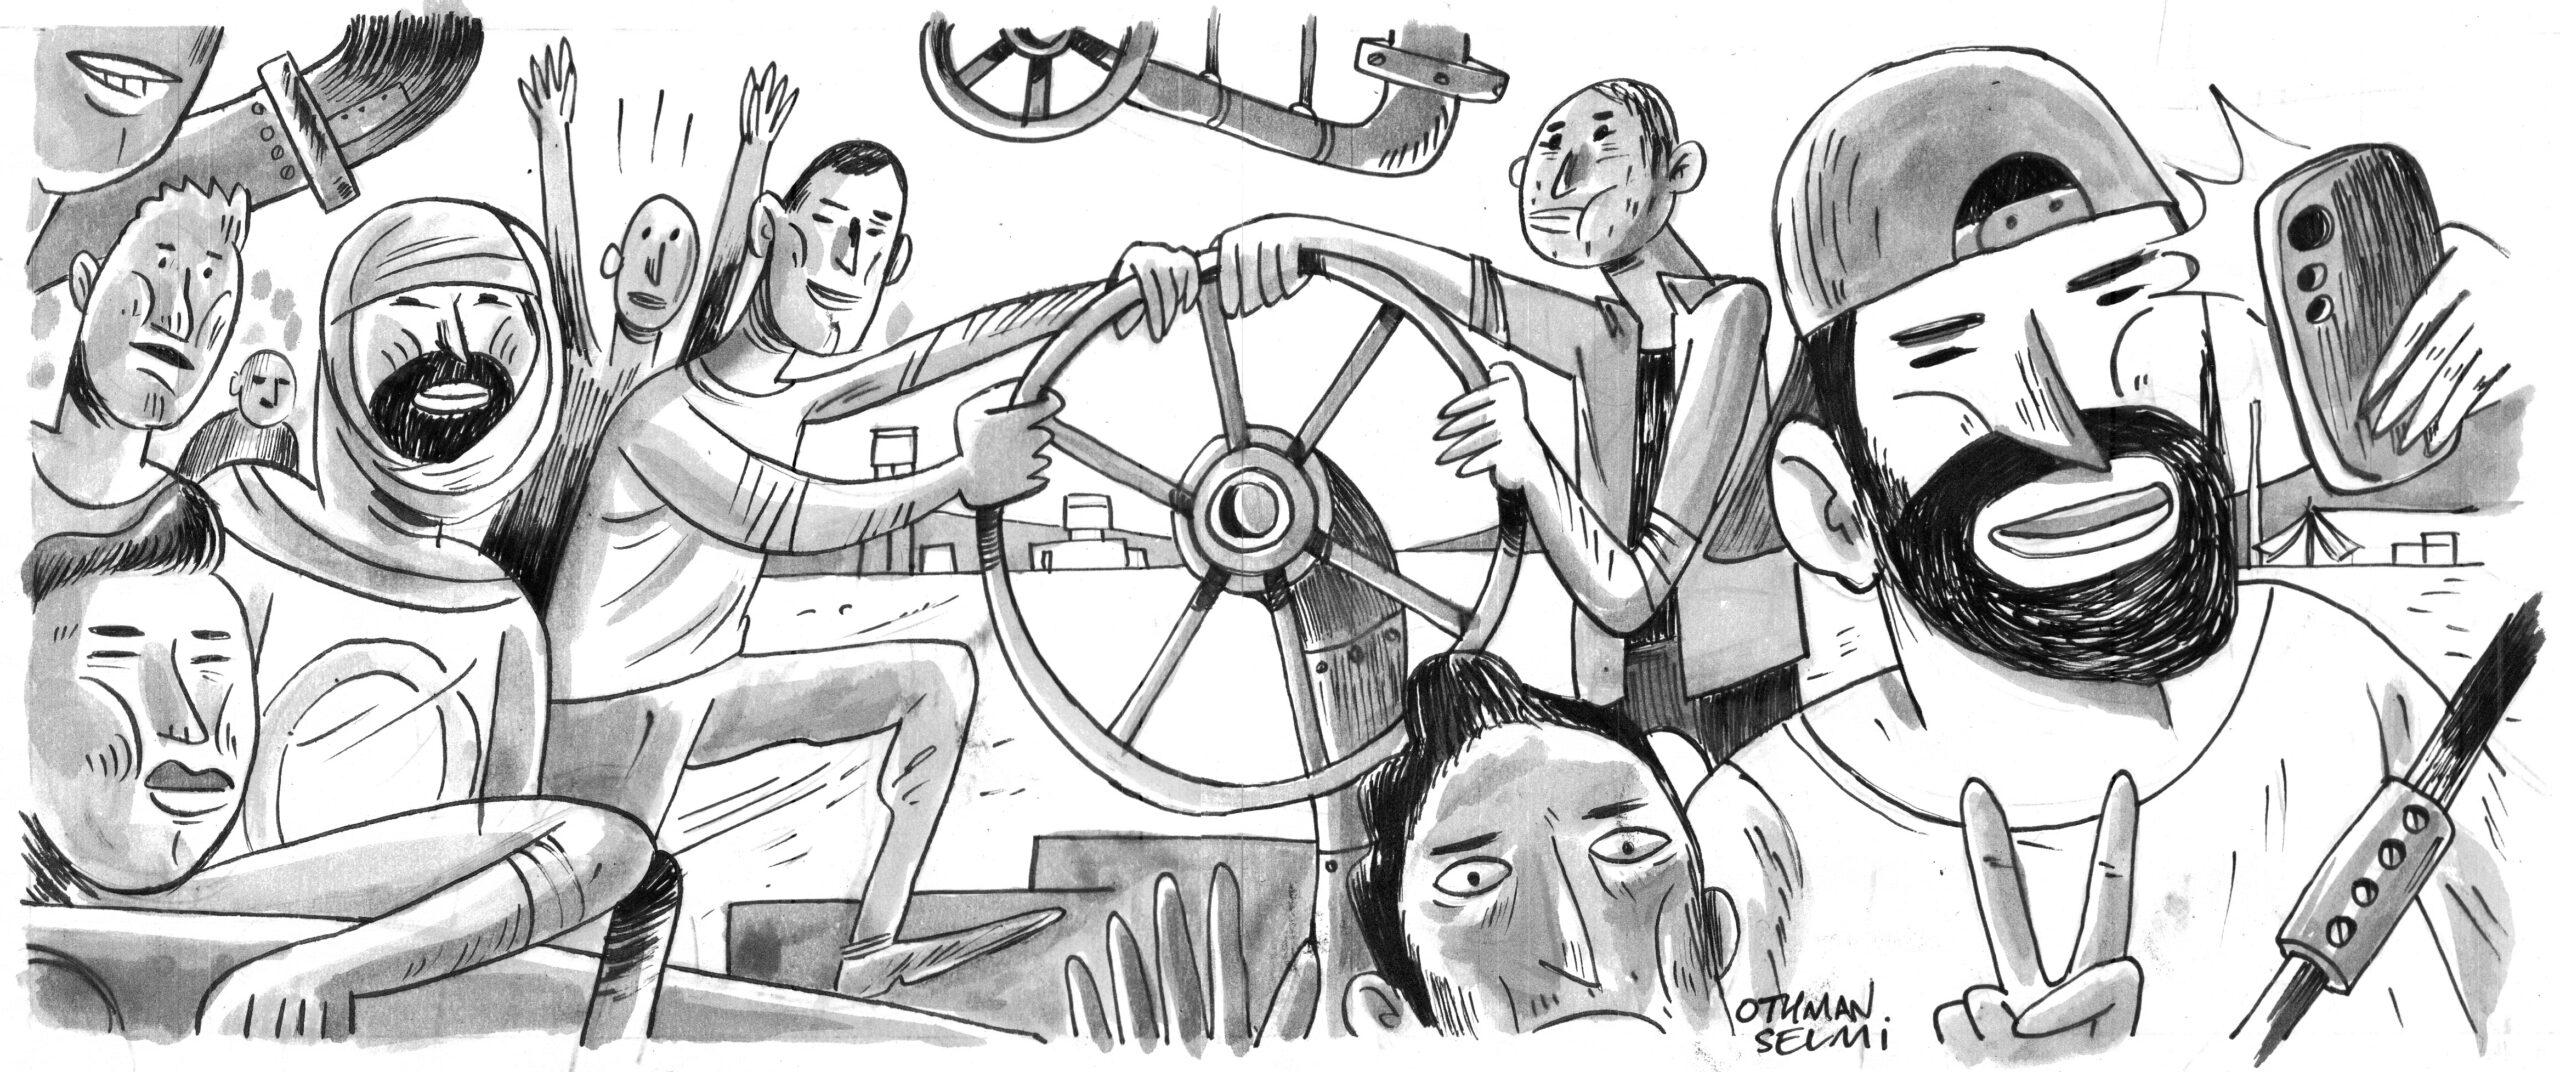 اعتصام الكامور: نصف انتصار وبعض هزيمة